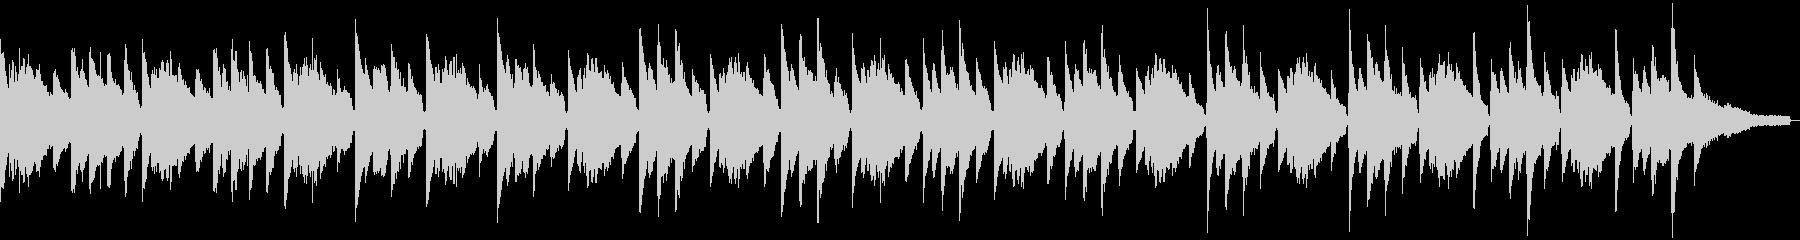 サスペンス風のソロピアノの未再生の波形